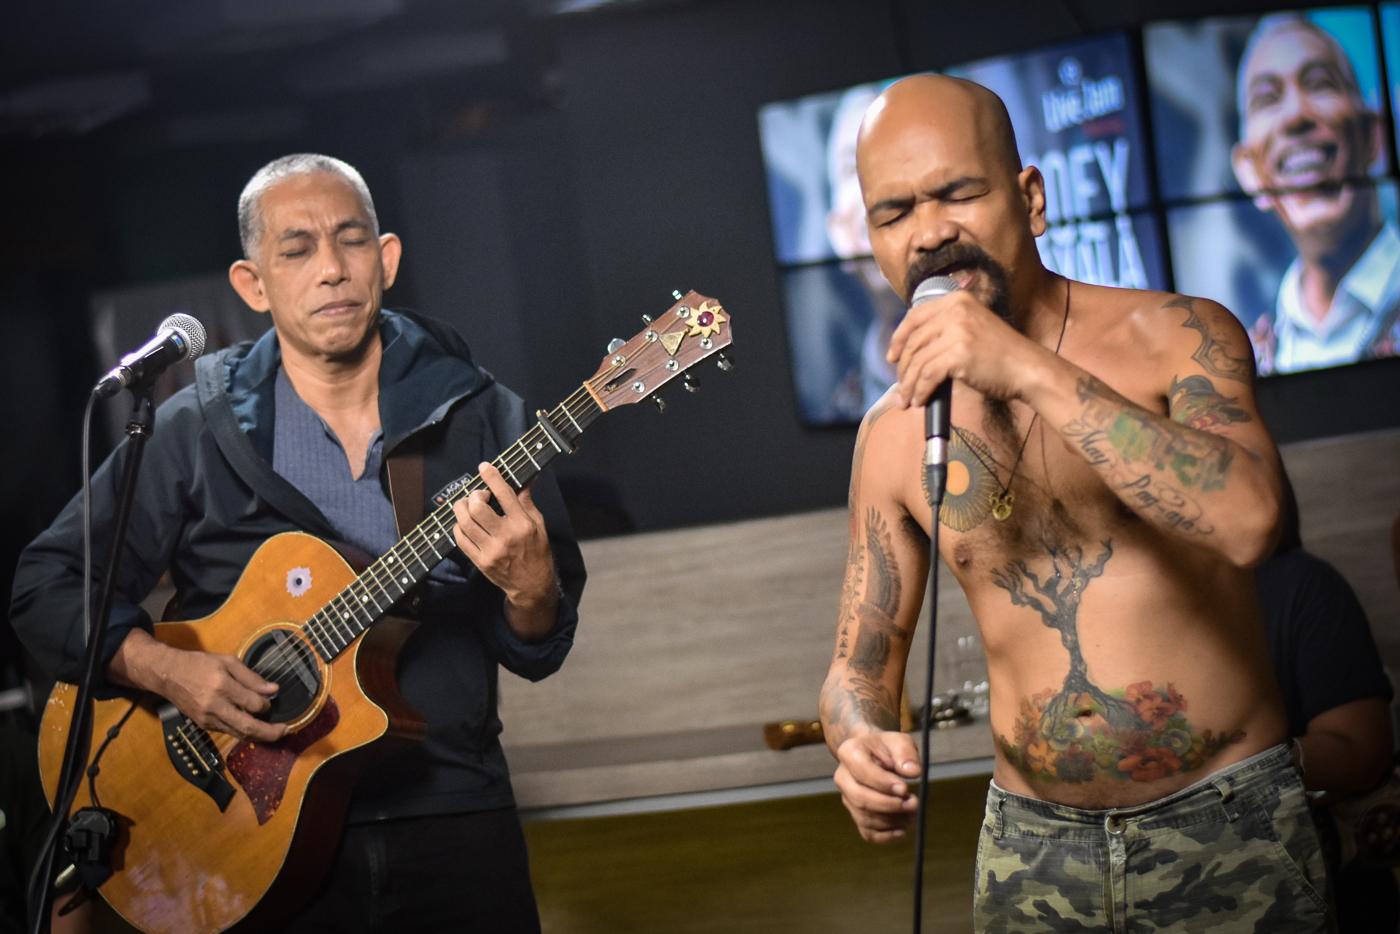 joey ayala Lyrics to magkaugnay by joey ayala: lupa, laot, langit ay magkaugnay / hayop, halaman, tao ay magkaugnay / chorus / ang lahat ng bagay ay.